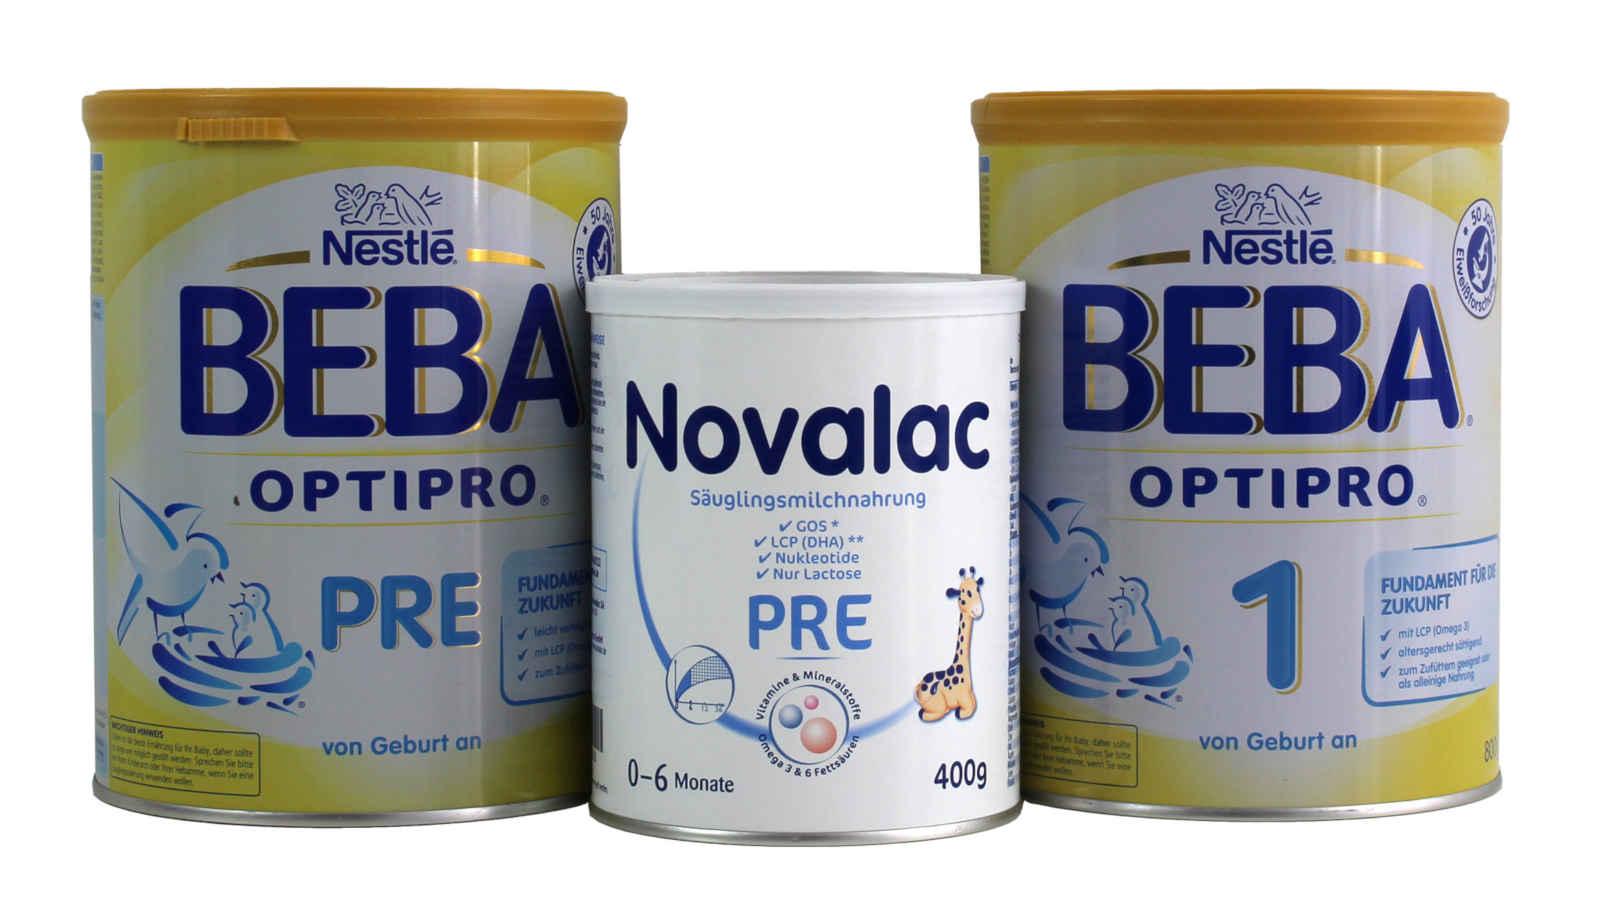 Bei bestimmten Chargen dieser Baby-Milchpulver besteht der Verdacht auf Mineralöl-Verunreinigung, nachdem Foodwatch von MOAH-Funden berichtet hat.